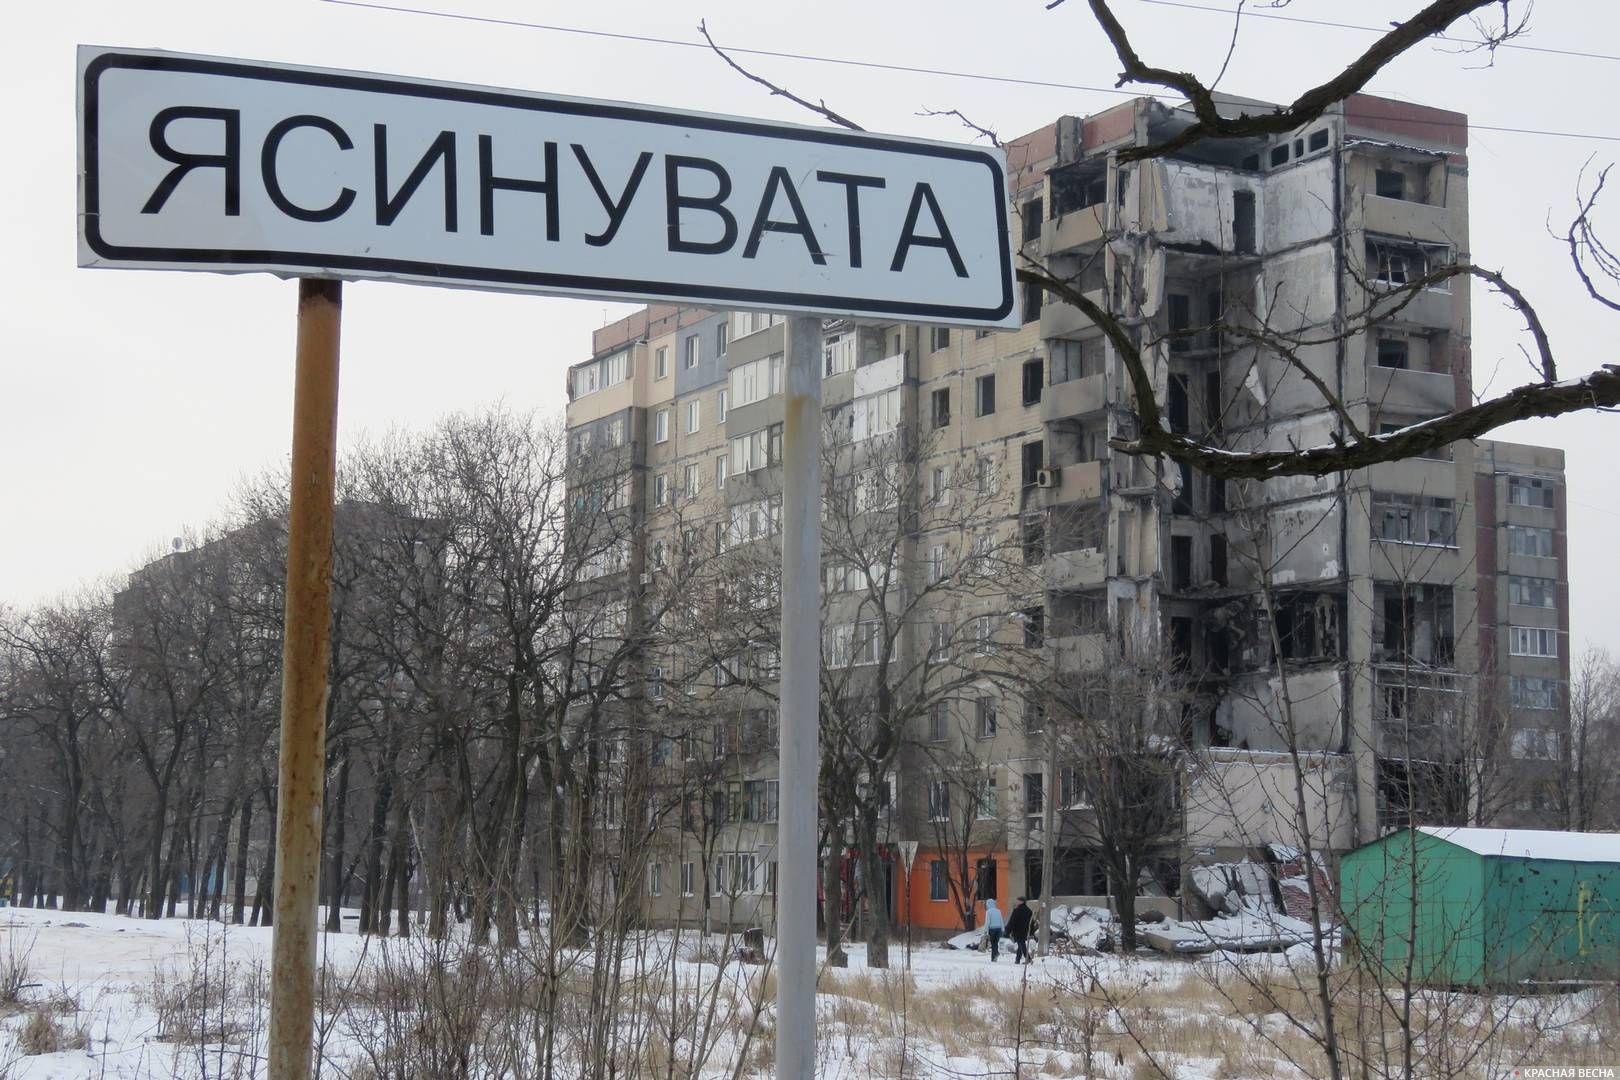 Ясиноватая. ДНР. 2016